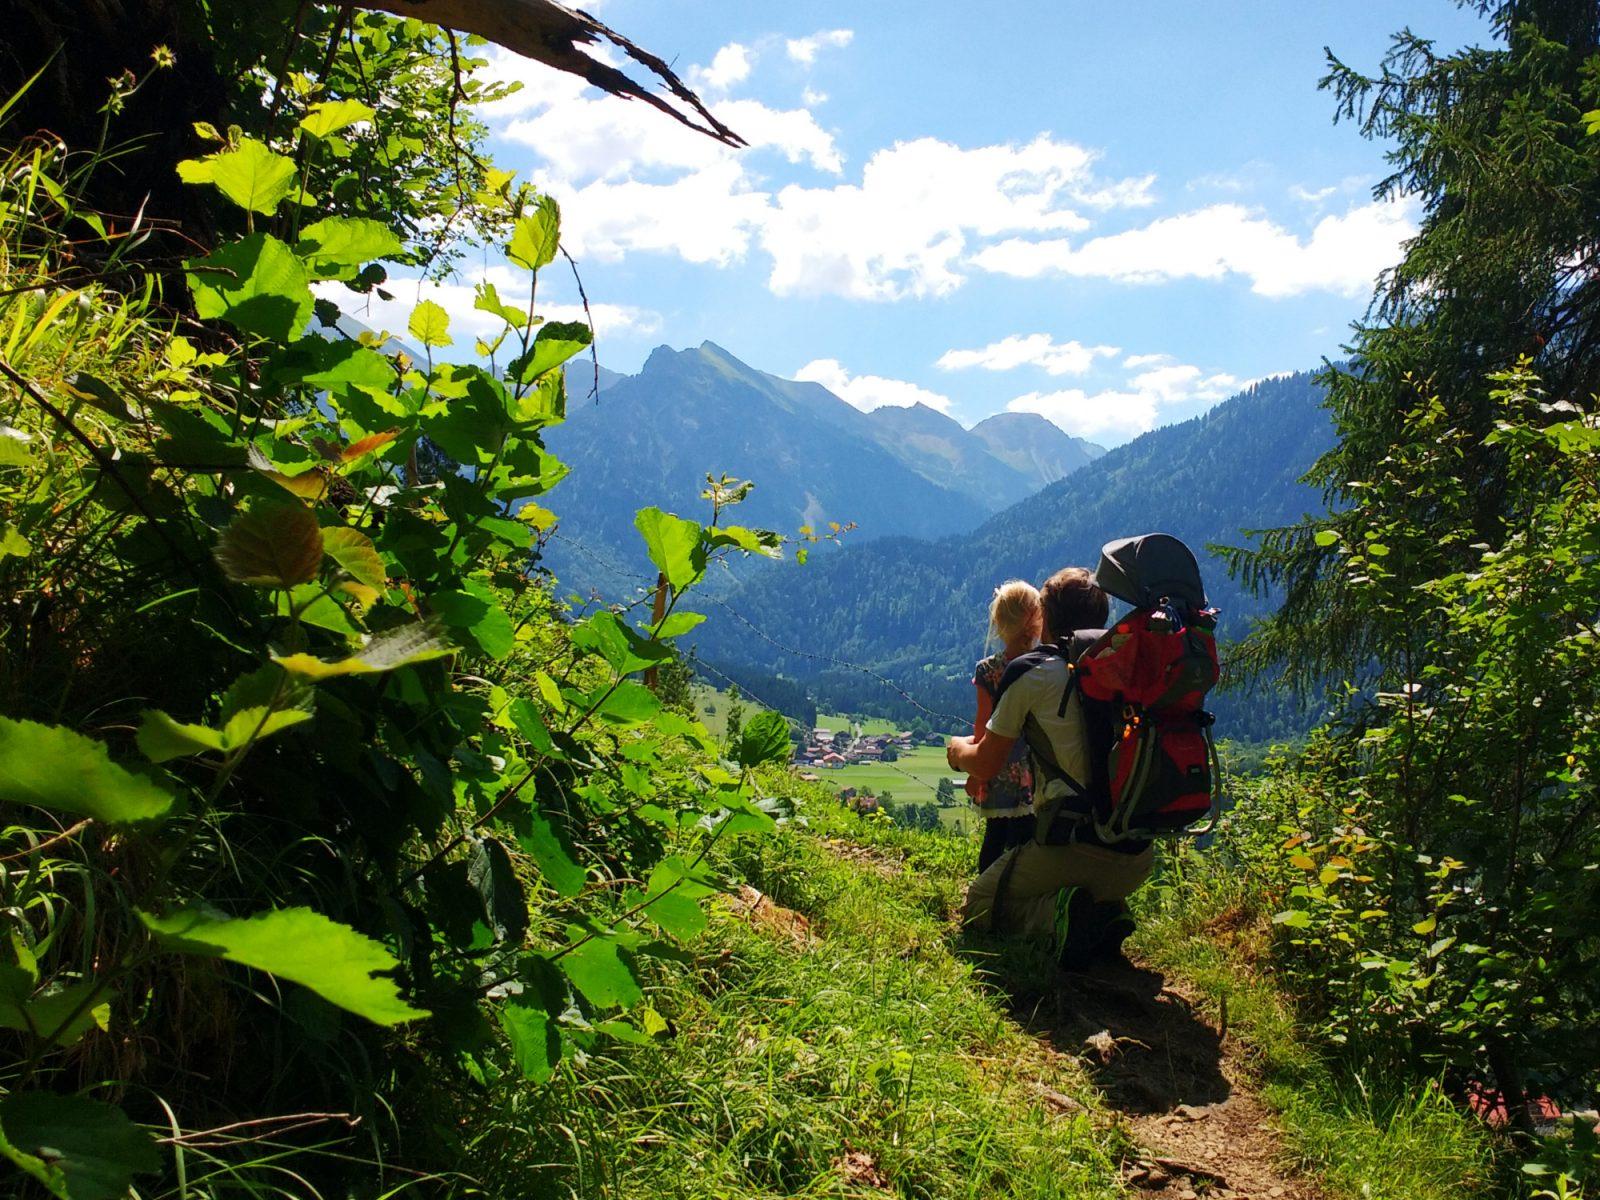 zeig mir deinen blogparade frauschweizer